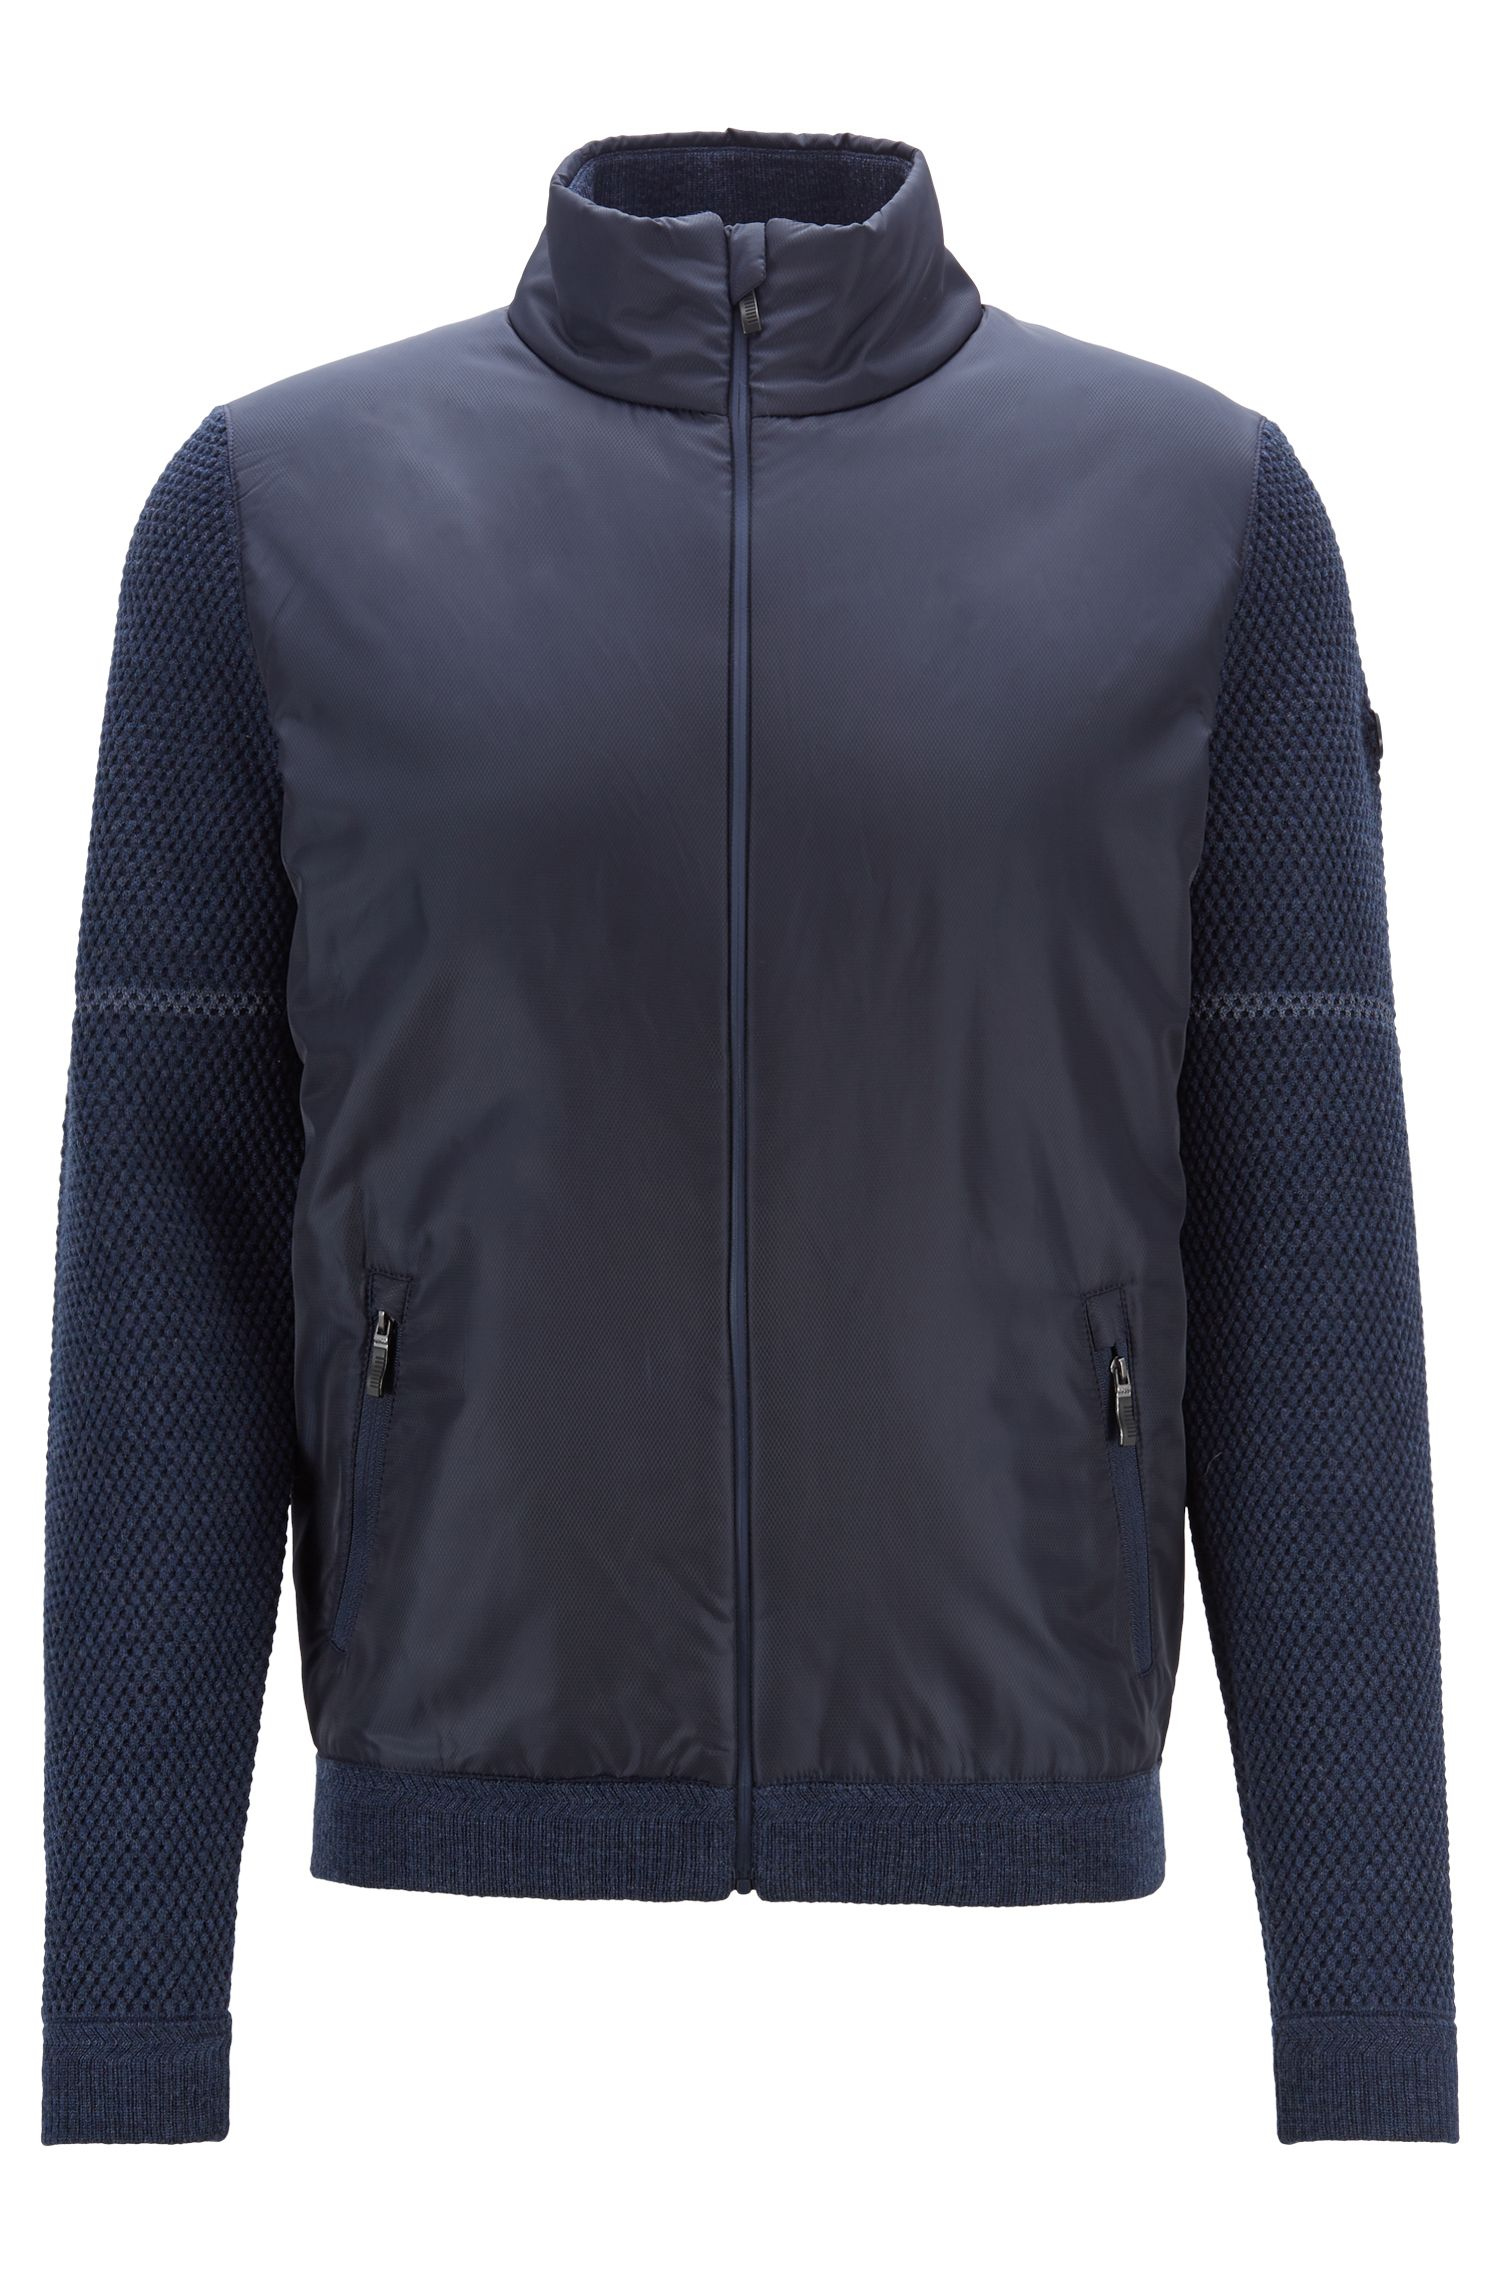 Giacca in lana merino con zip integrale e dettagli tecnici, Blu scuro